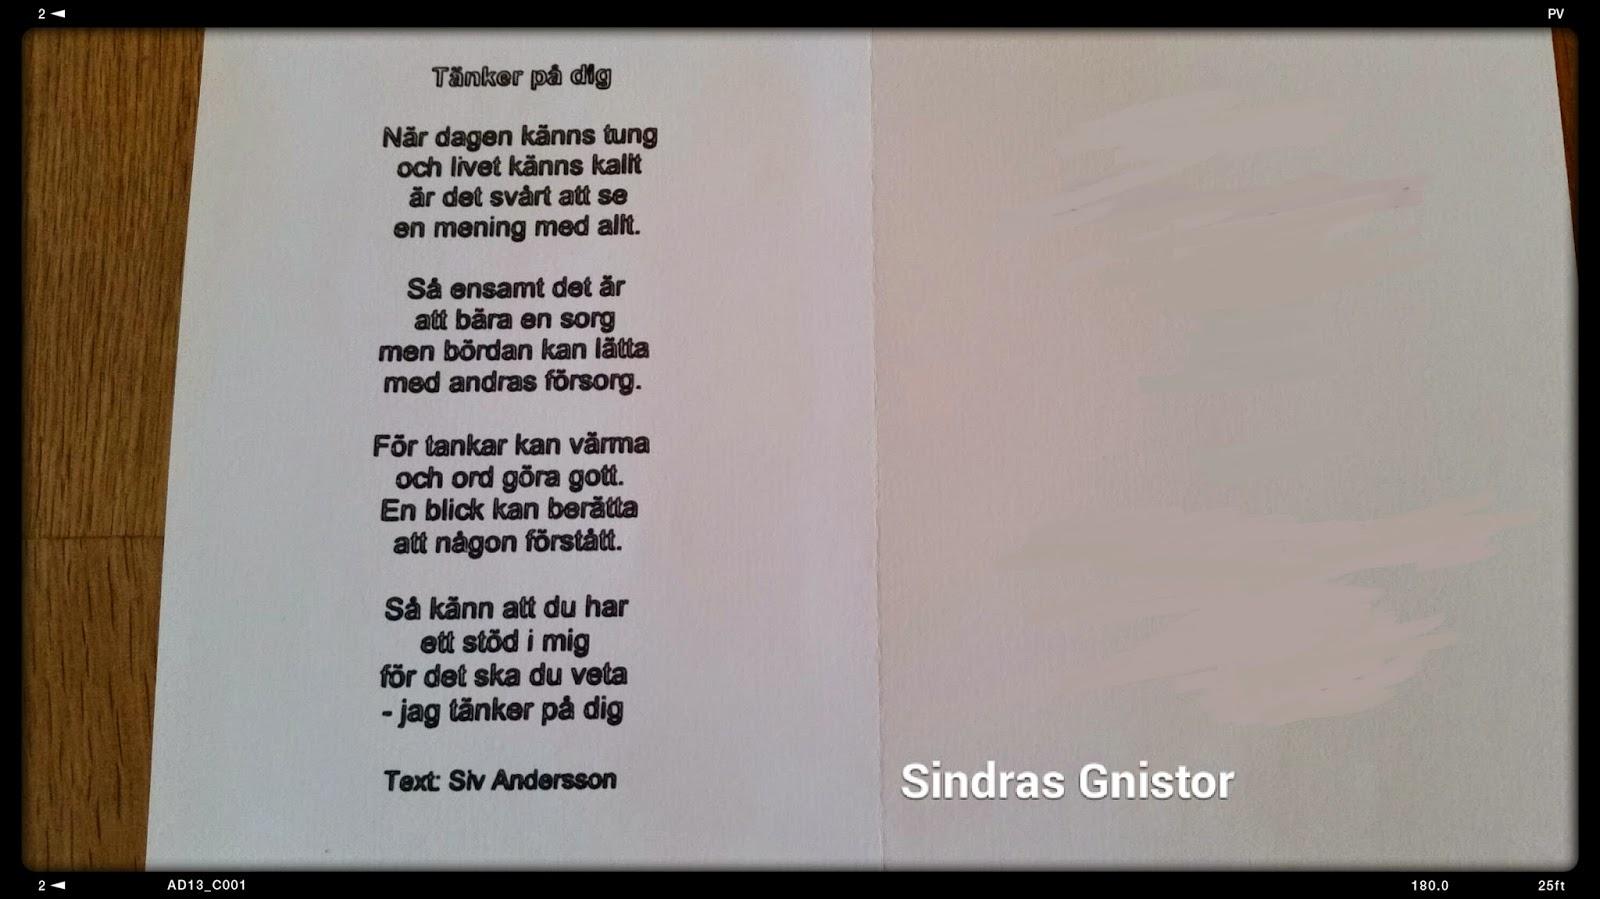 grattis på studenten dikt Sindras Gnistor: Kondoleanskort grattis på studenten dikt